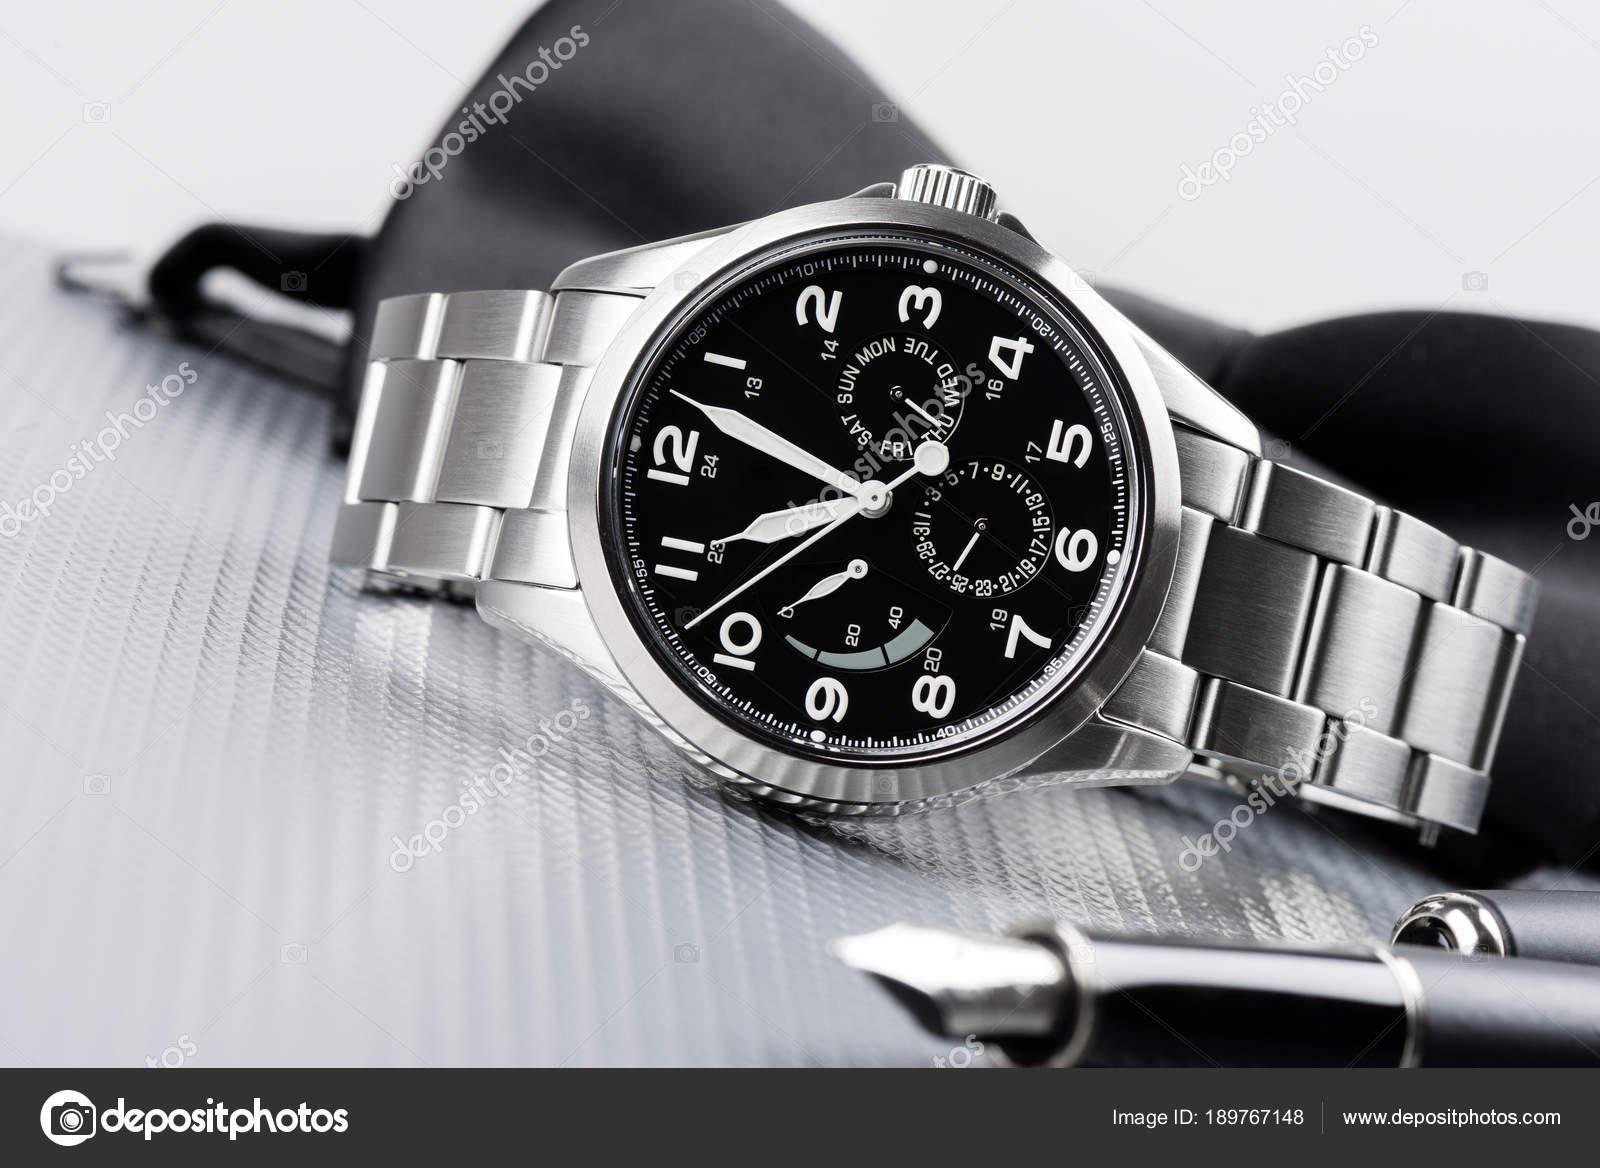 Автоматична чоловіків наручні годинники — Стокове фото — розкіш ... 02e17b128dea8